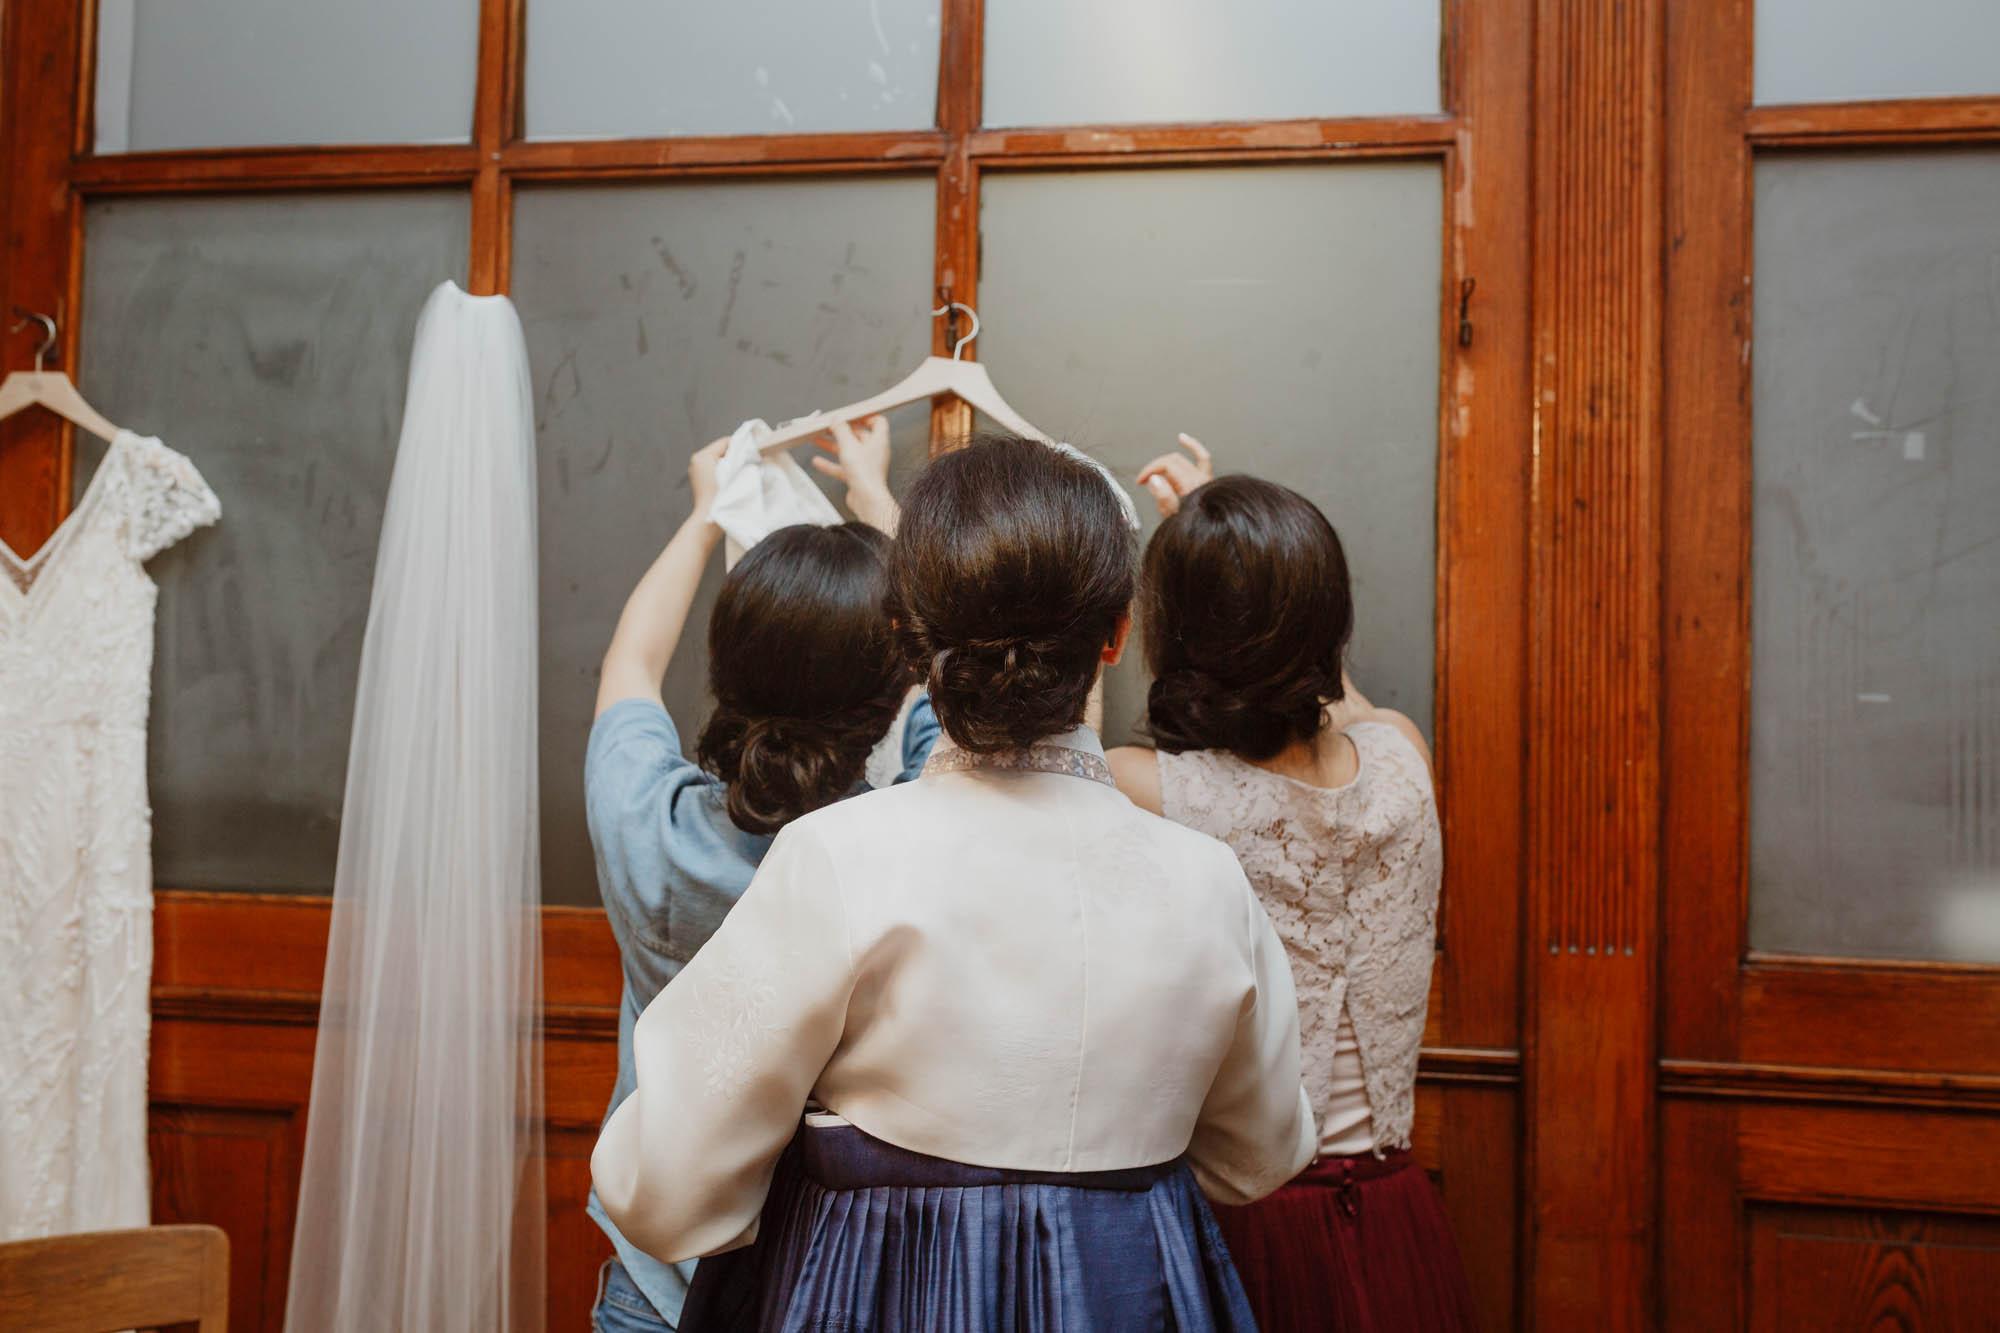 oneifbylandtwoifbyseawedding-elizabethtsungphoto-18.jpg